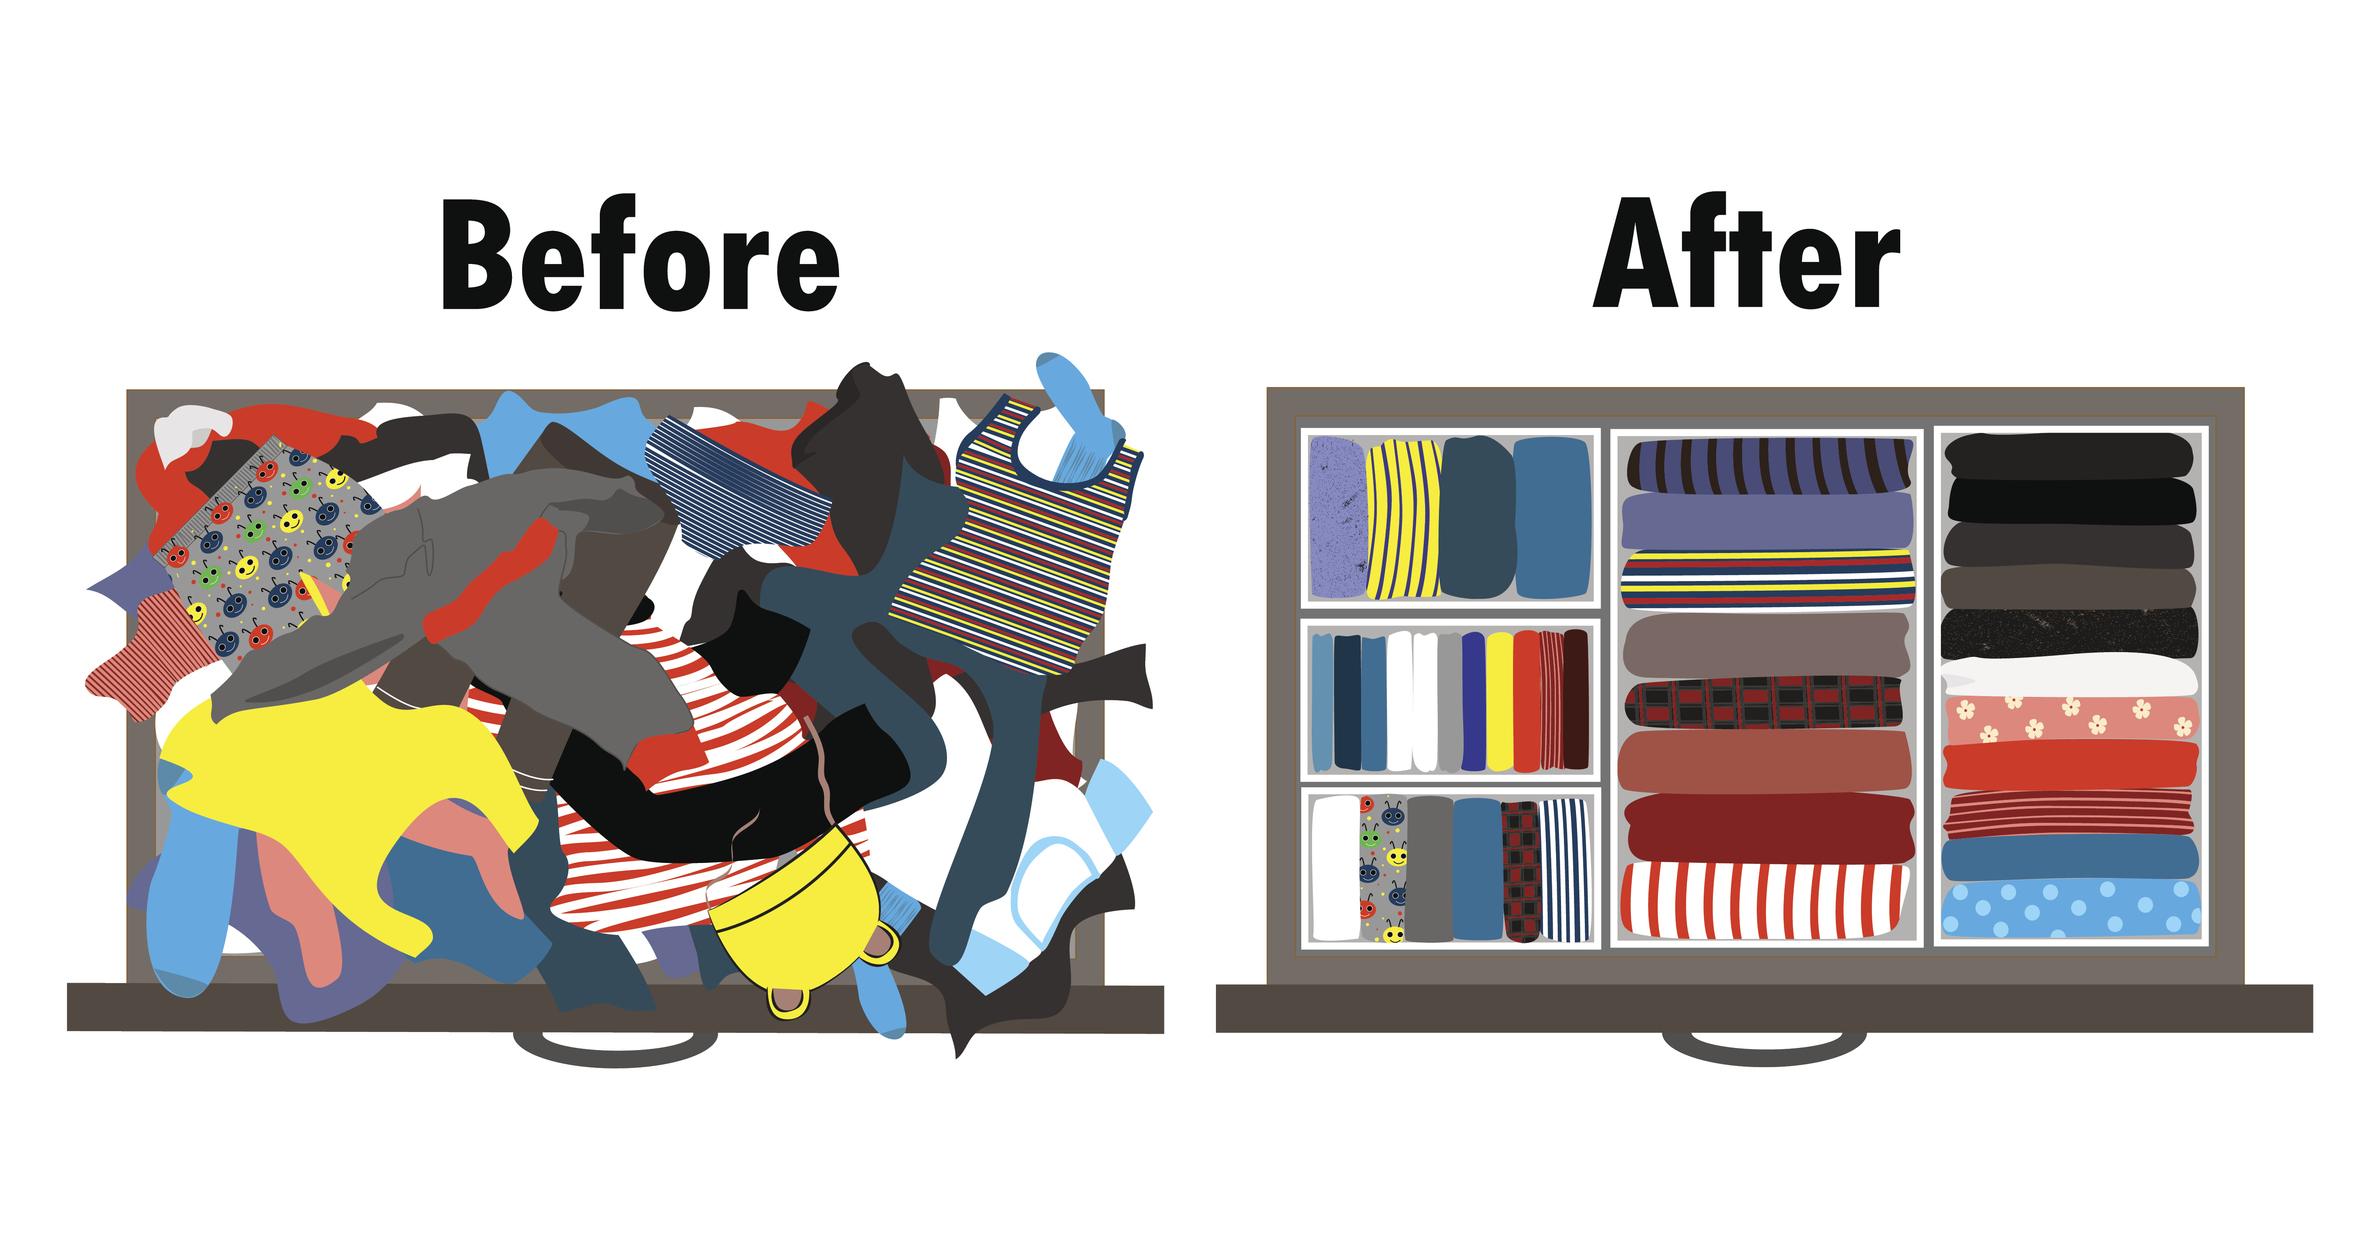 Използвайте контейнери или разделите, в които да сложите дрехи, чорапи или аксесоари. Всичко е подредено и видно пред очите.